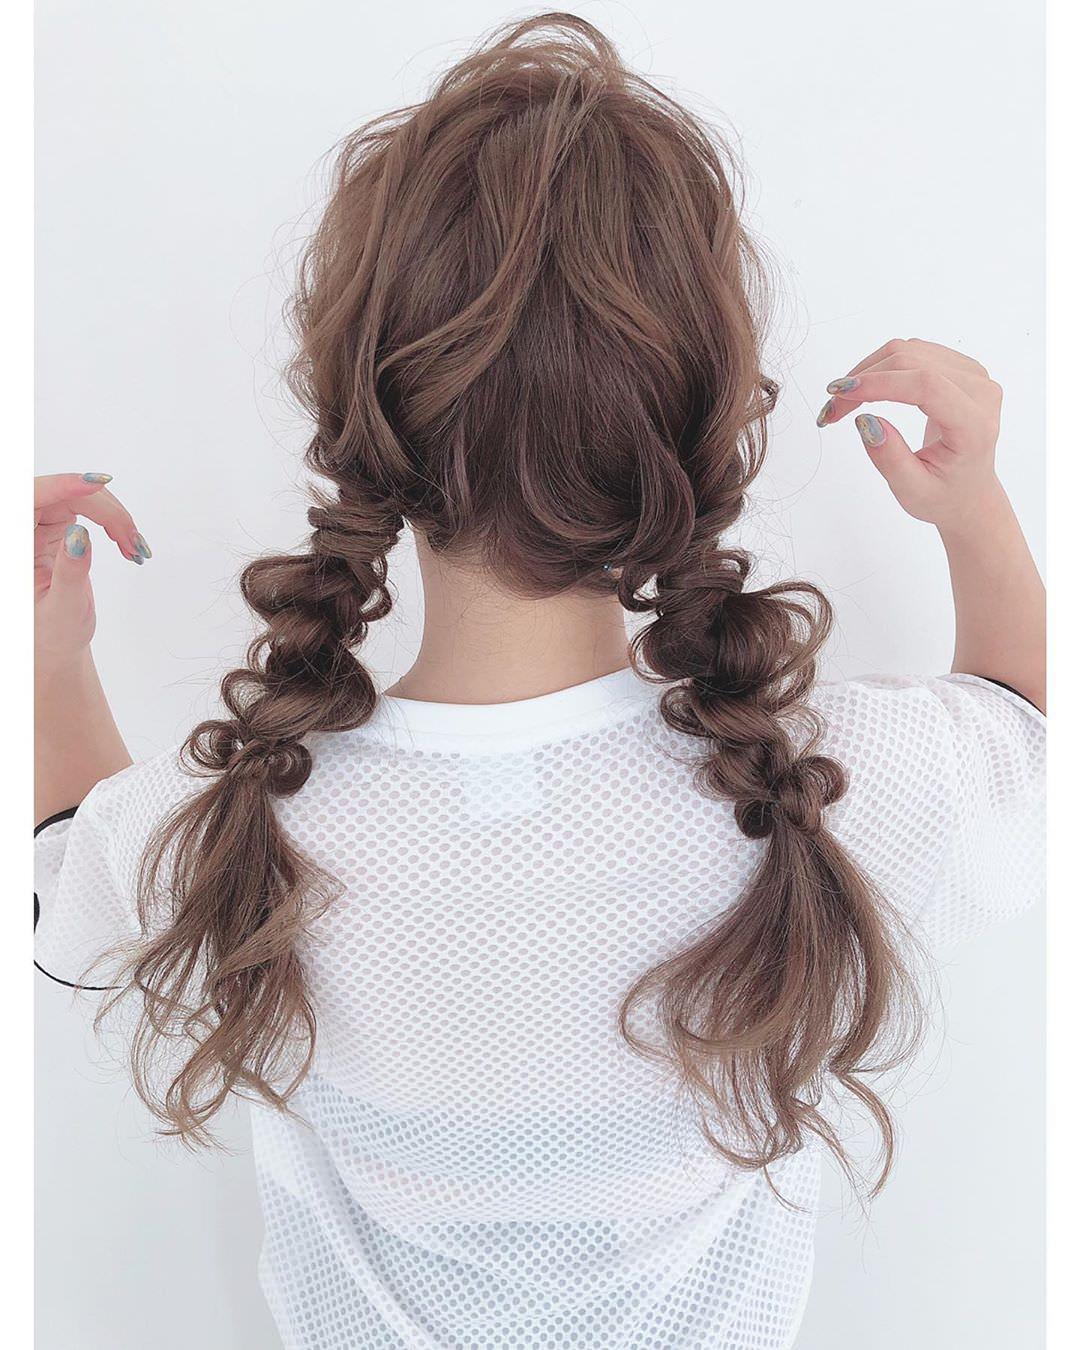 憧れる女子急増中!きぬちゃんのバラエティに富むヘアアレンジ特集4